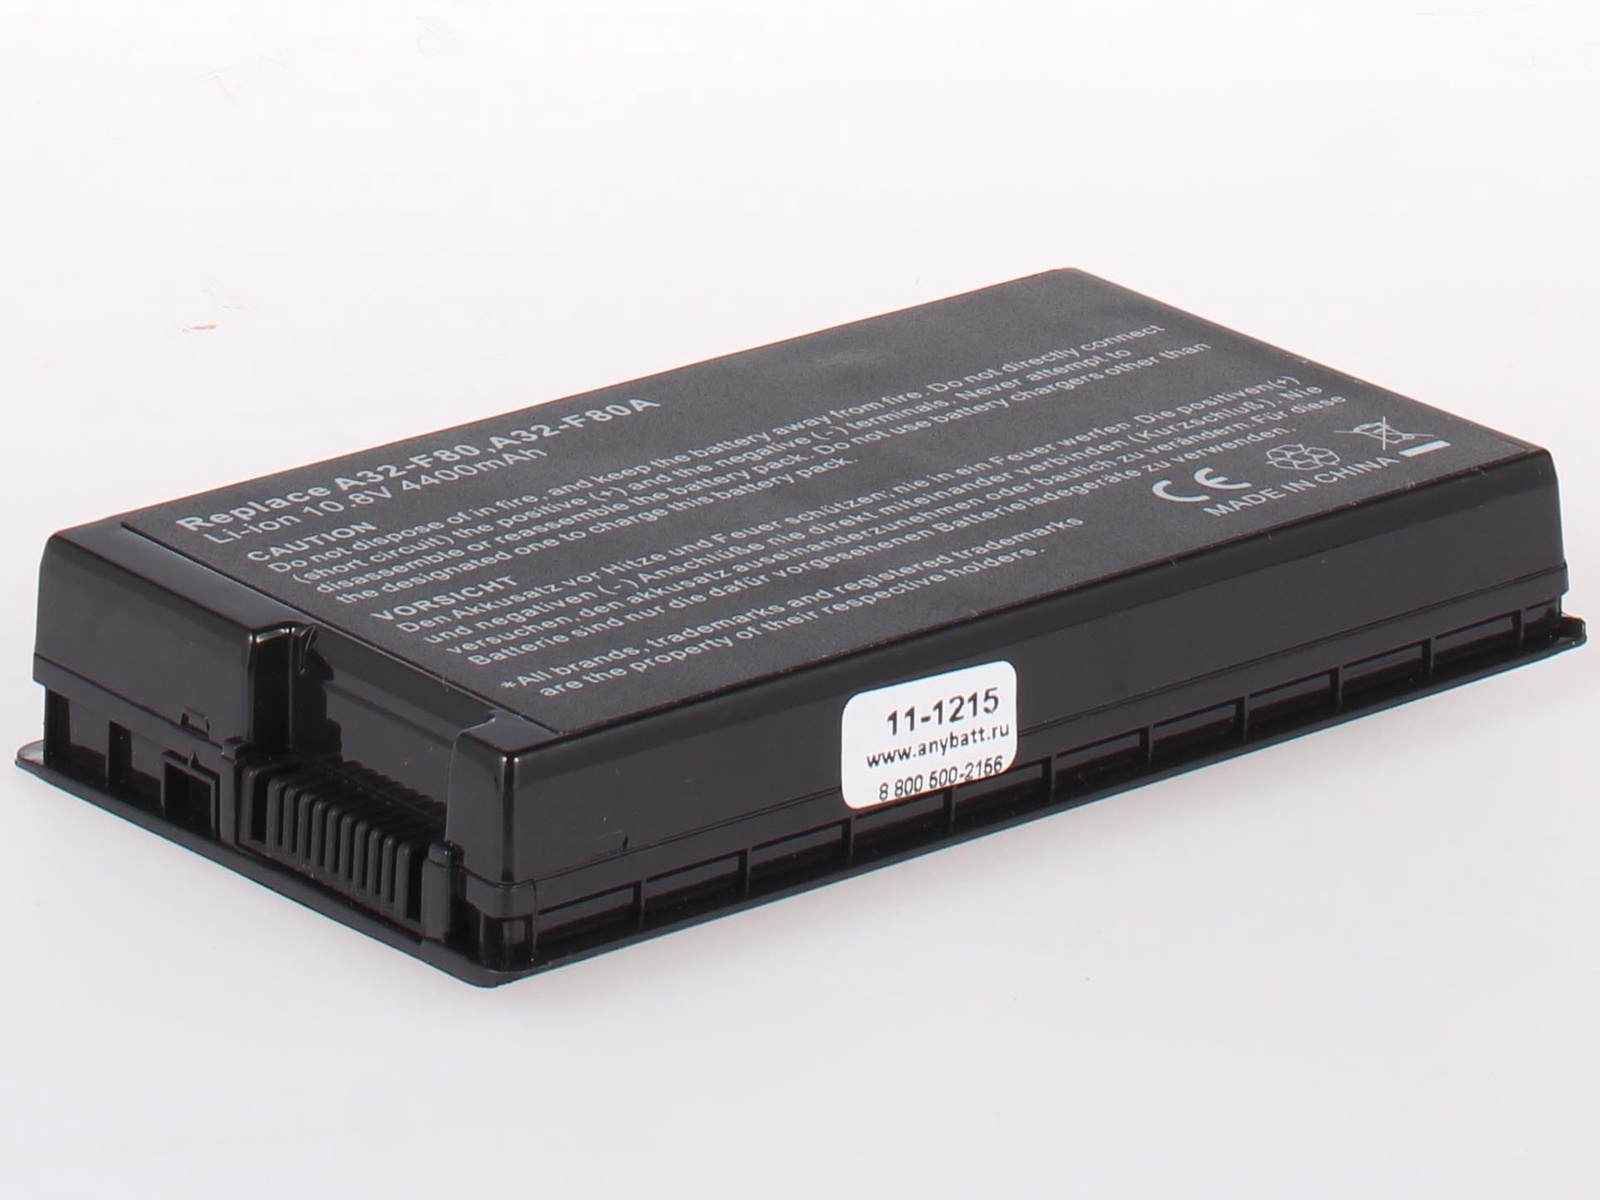 Аккумулятор для ноутбука AnyBatt для Asus X61, X61S, F80L, F80S, N60d, PRO63D, N60DP, F83VF, F50S, F80Cr, X61Z, F80Q, F50SL, N60sf, F80A, F50Q, F50SV, F50Z, X82S, F50G, F81Se, F50Gx, N60W, X61SL, X85C, F50SF, F83SE, X85S, X82CR